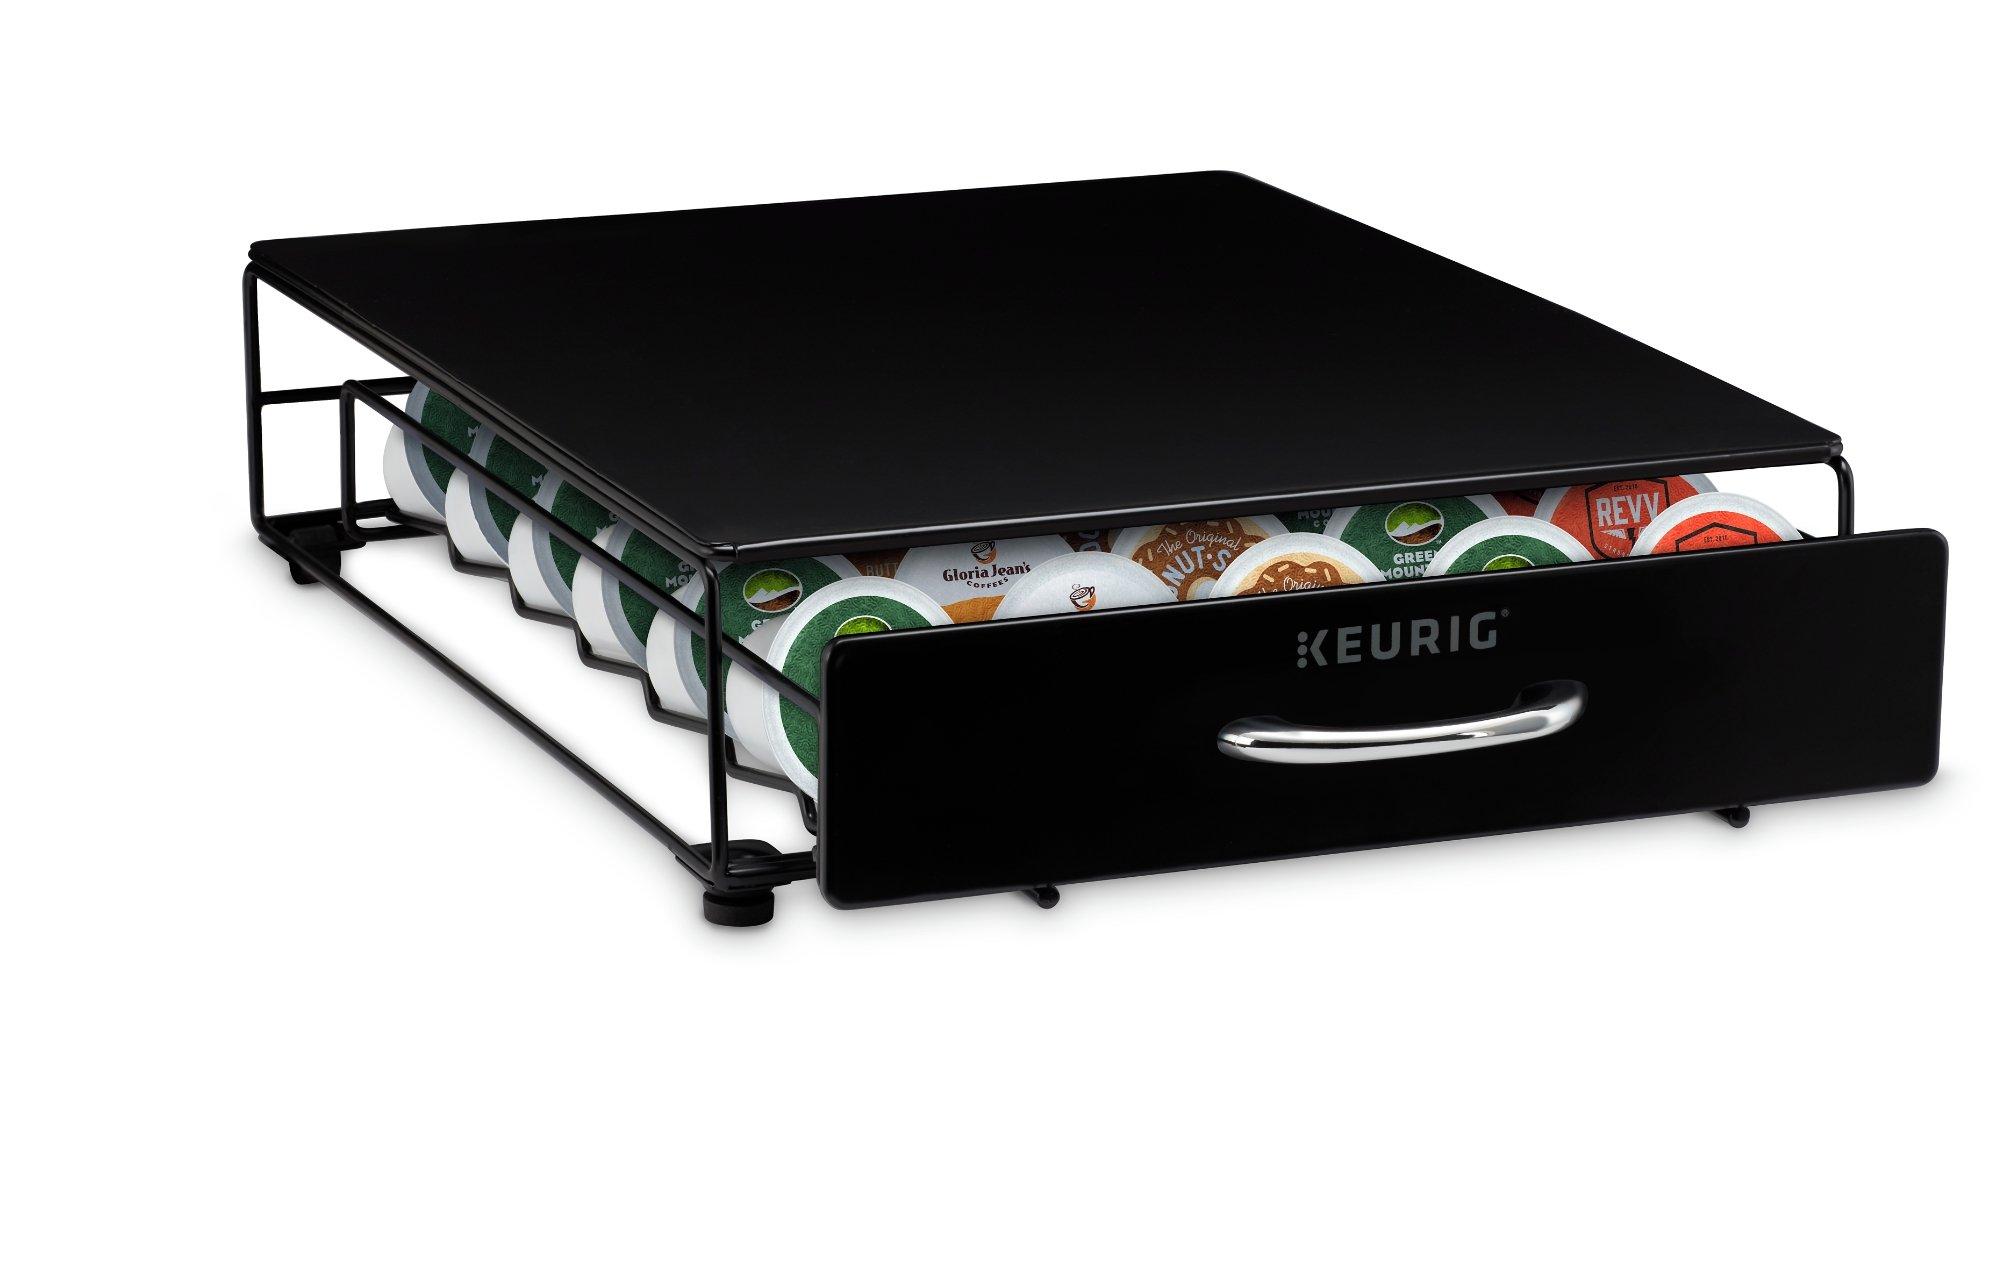 Keurig Under Brewer Storage Drawer, K-Cup Pod Organizer Holds 35 Coffee Pods, Fits Under Keurig K-Cup Pod Coffee Makers, Black by Keurig (Image #2)